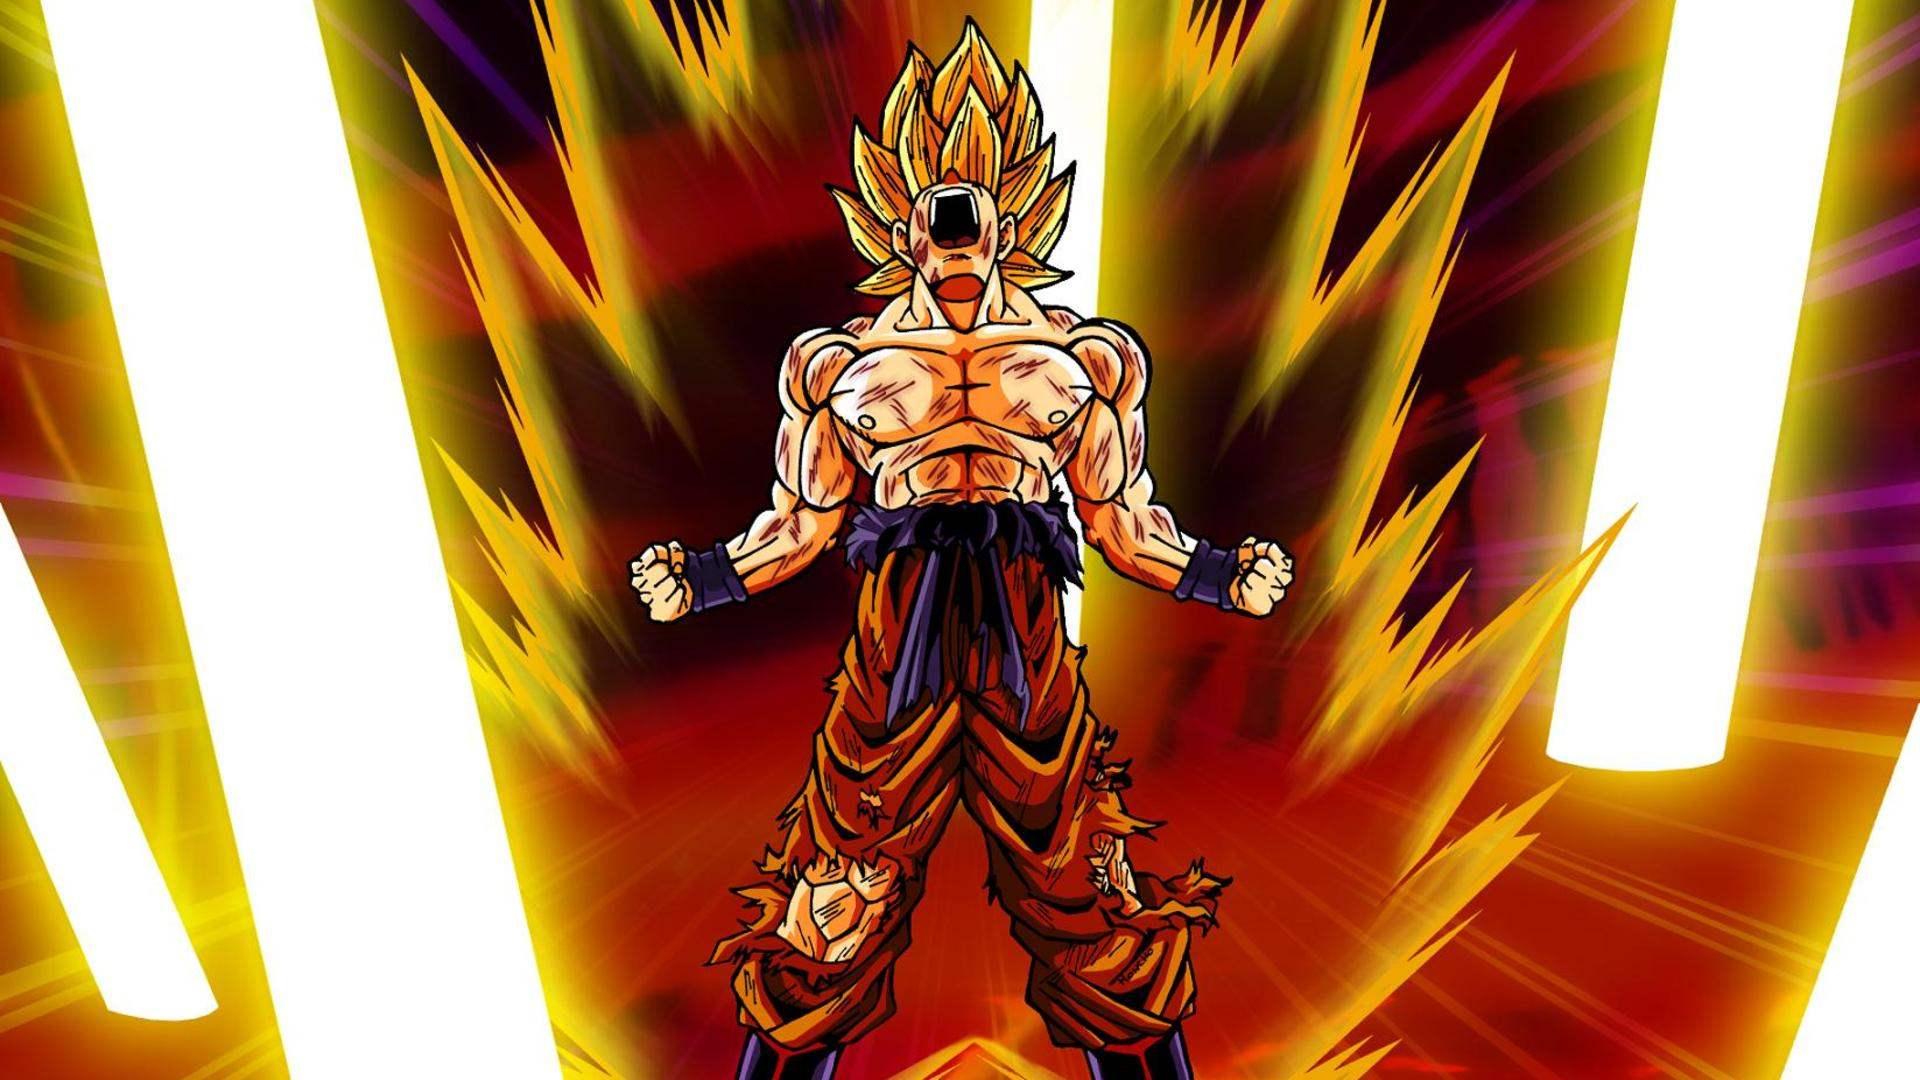 Dragon Ball Z Wallpapers Goku Super Saiyan 10 5 1920x1080